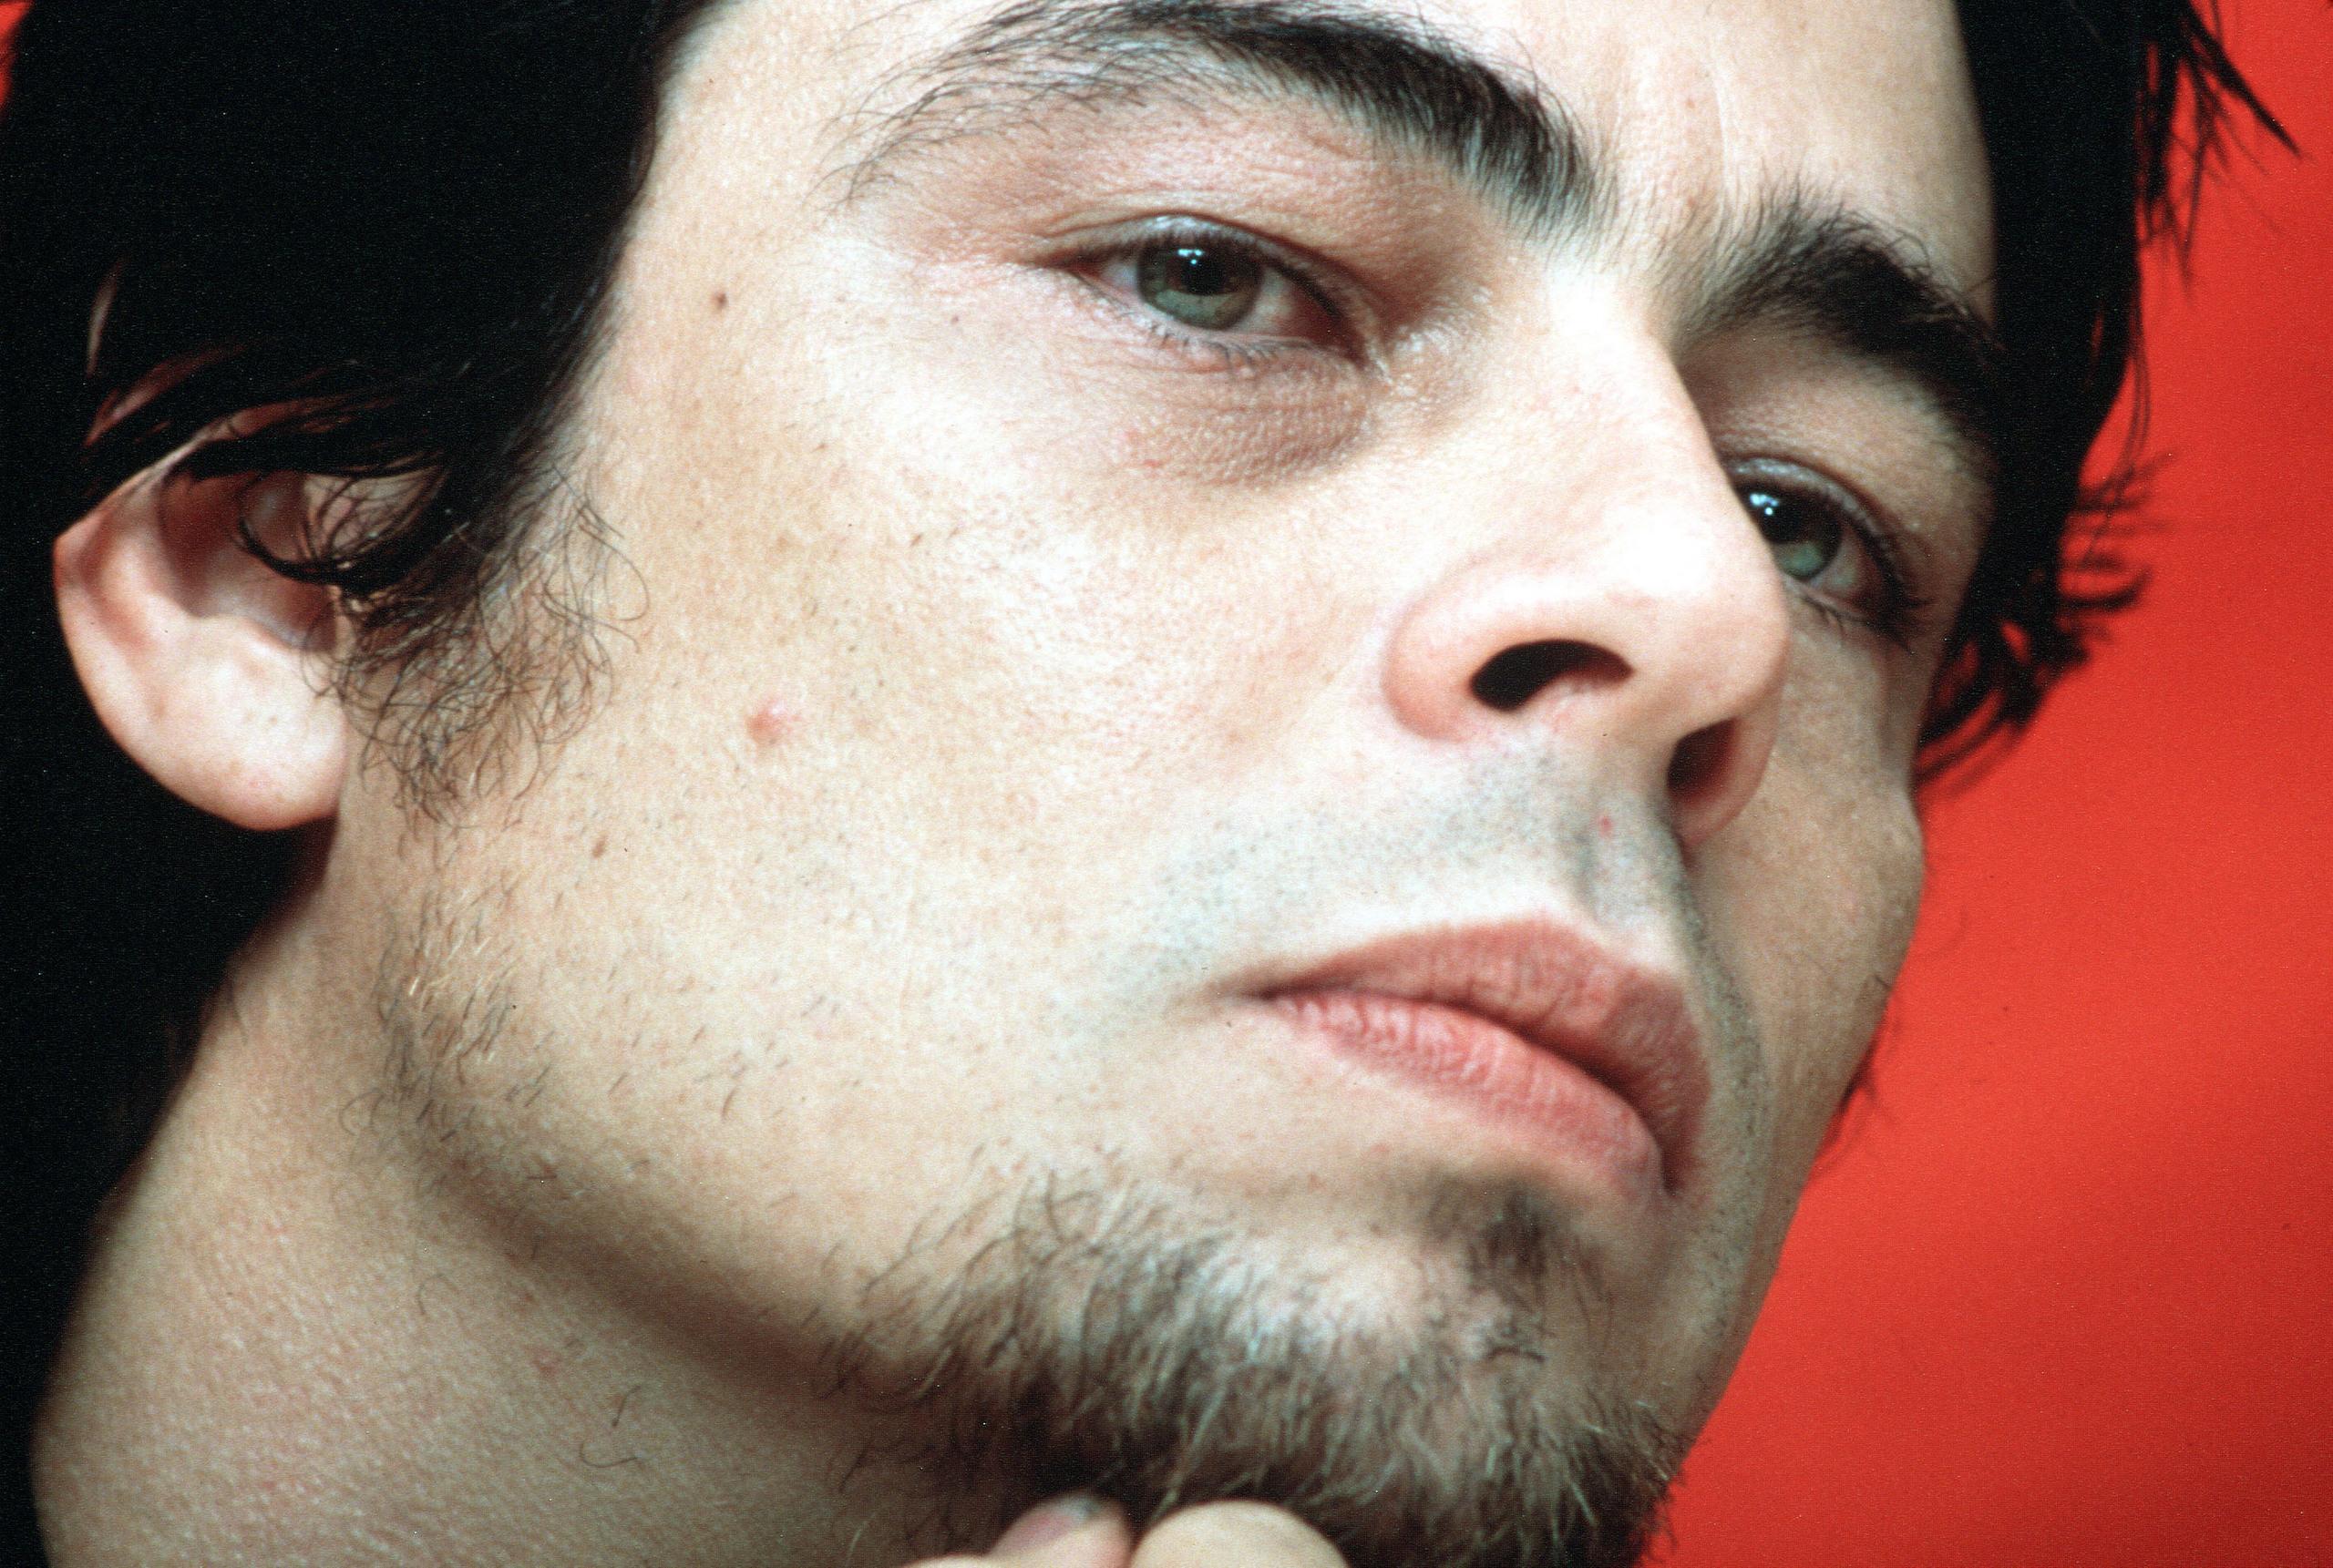 Benicio-benicio-del-toro-7038503-2560-1721